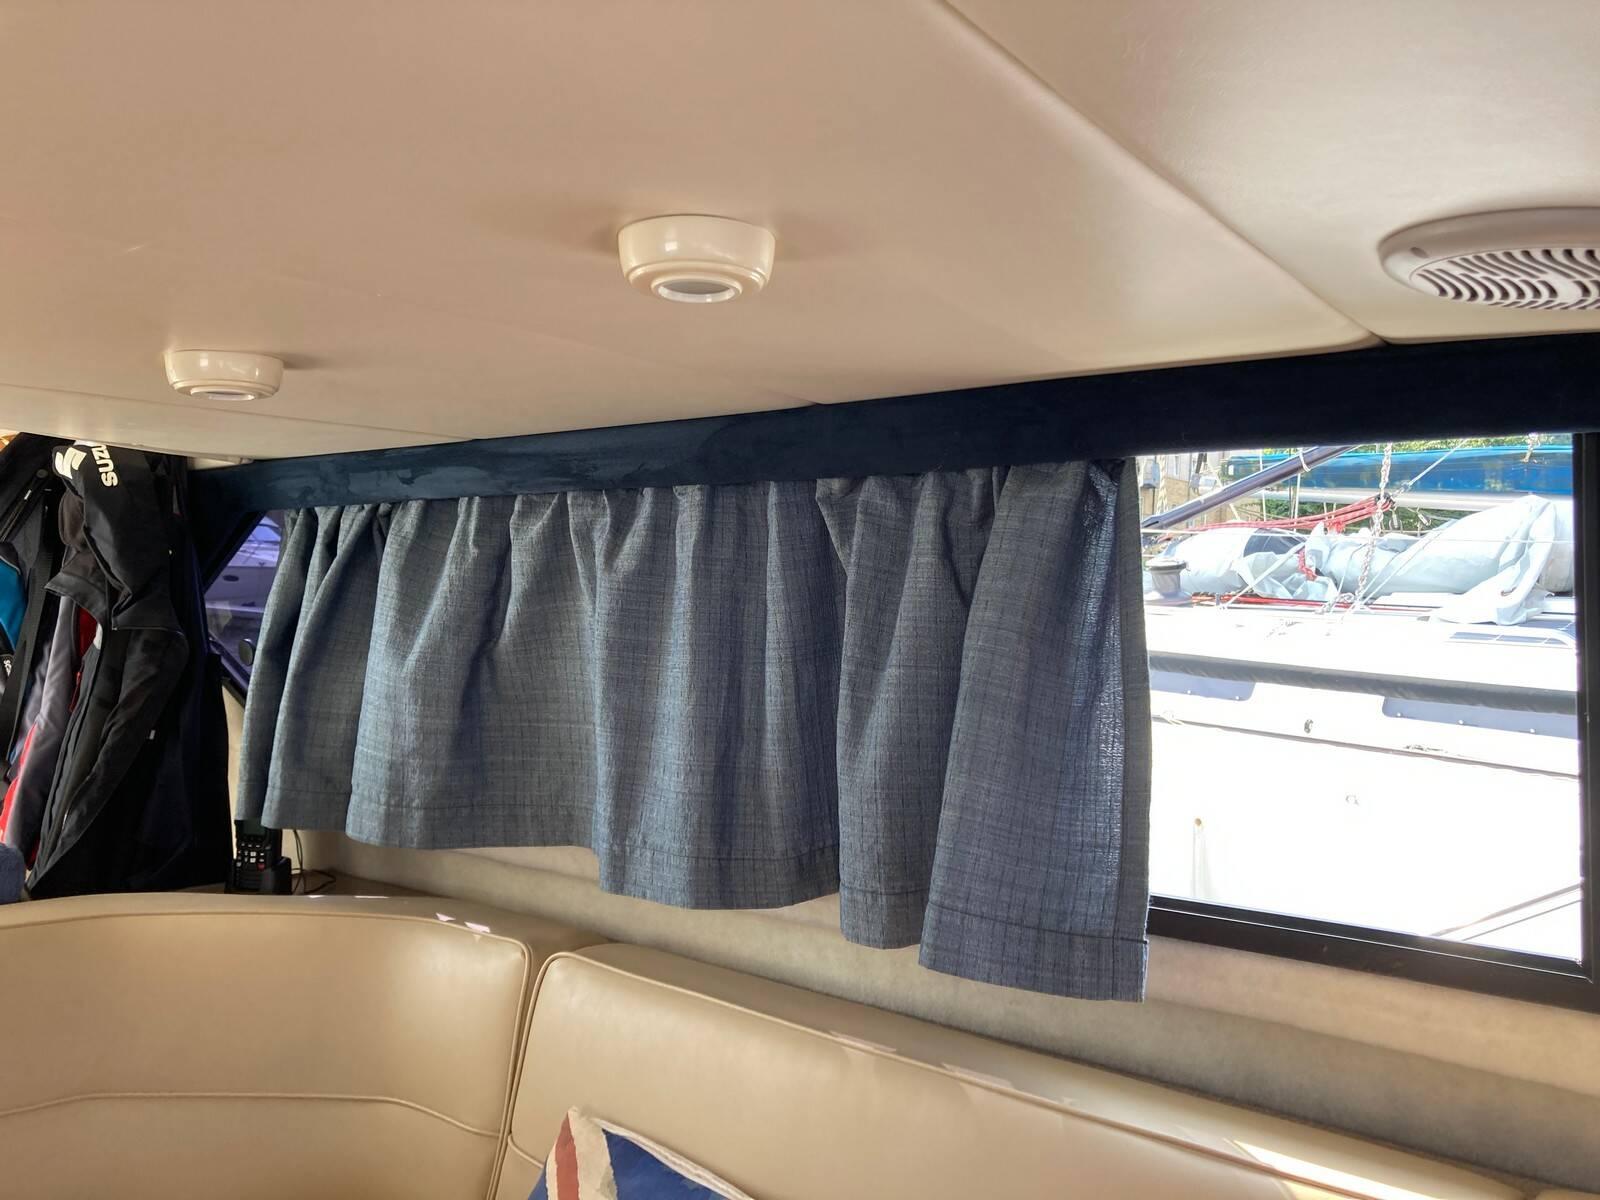 Bayliner 288 curtains